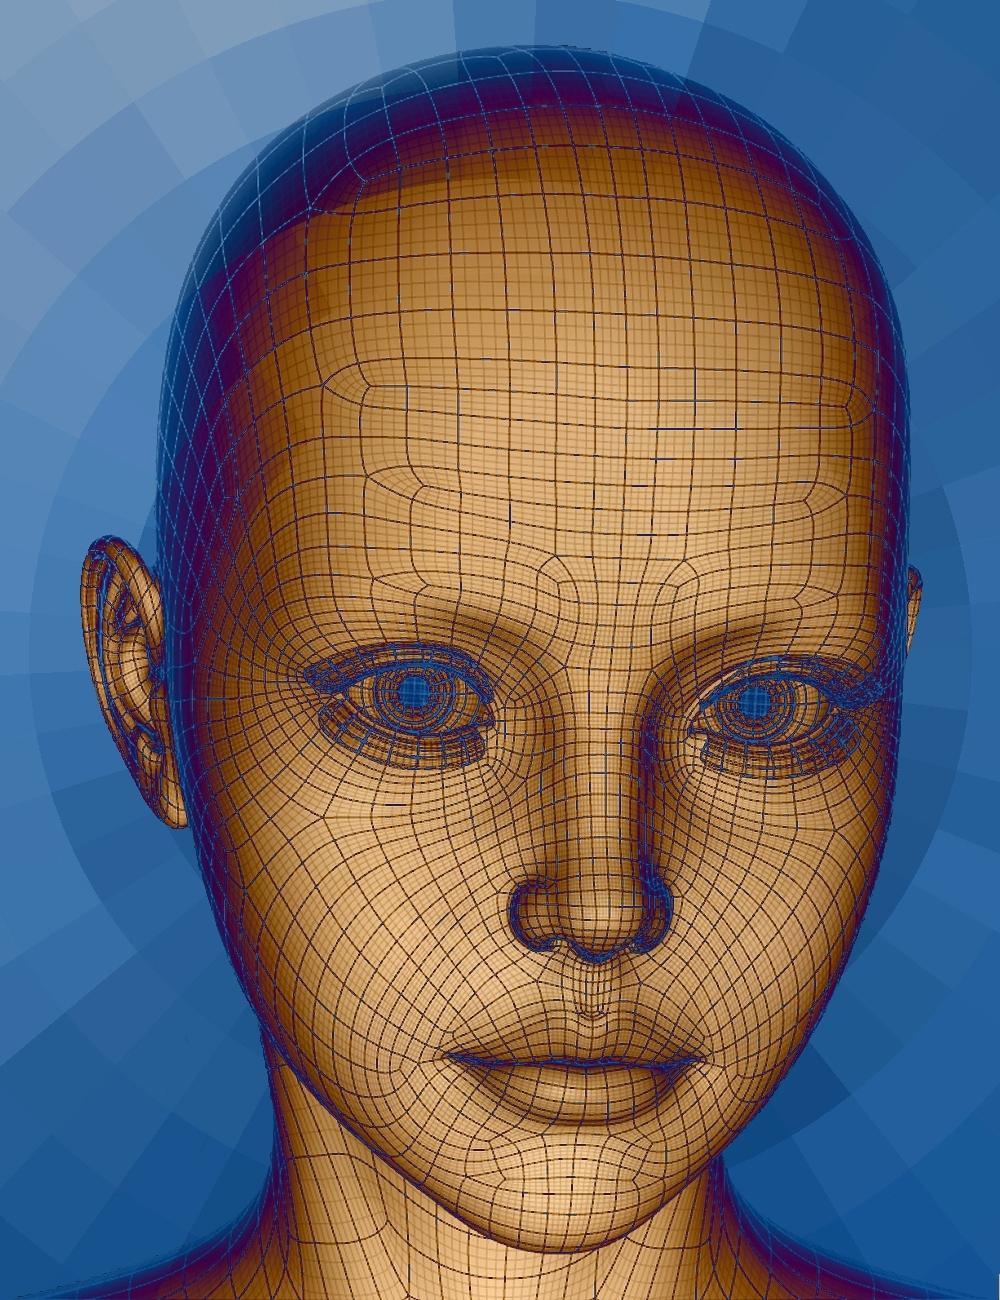 Genesis 2 Female Head Morph Resource Kit by: ThorneHandspan Studios, 3D Models by Daz 3D